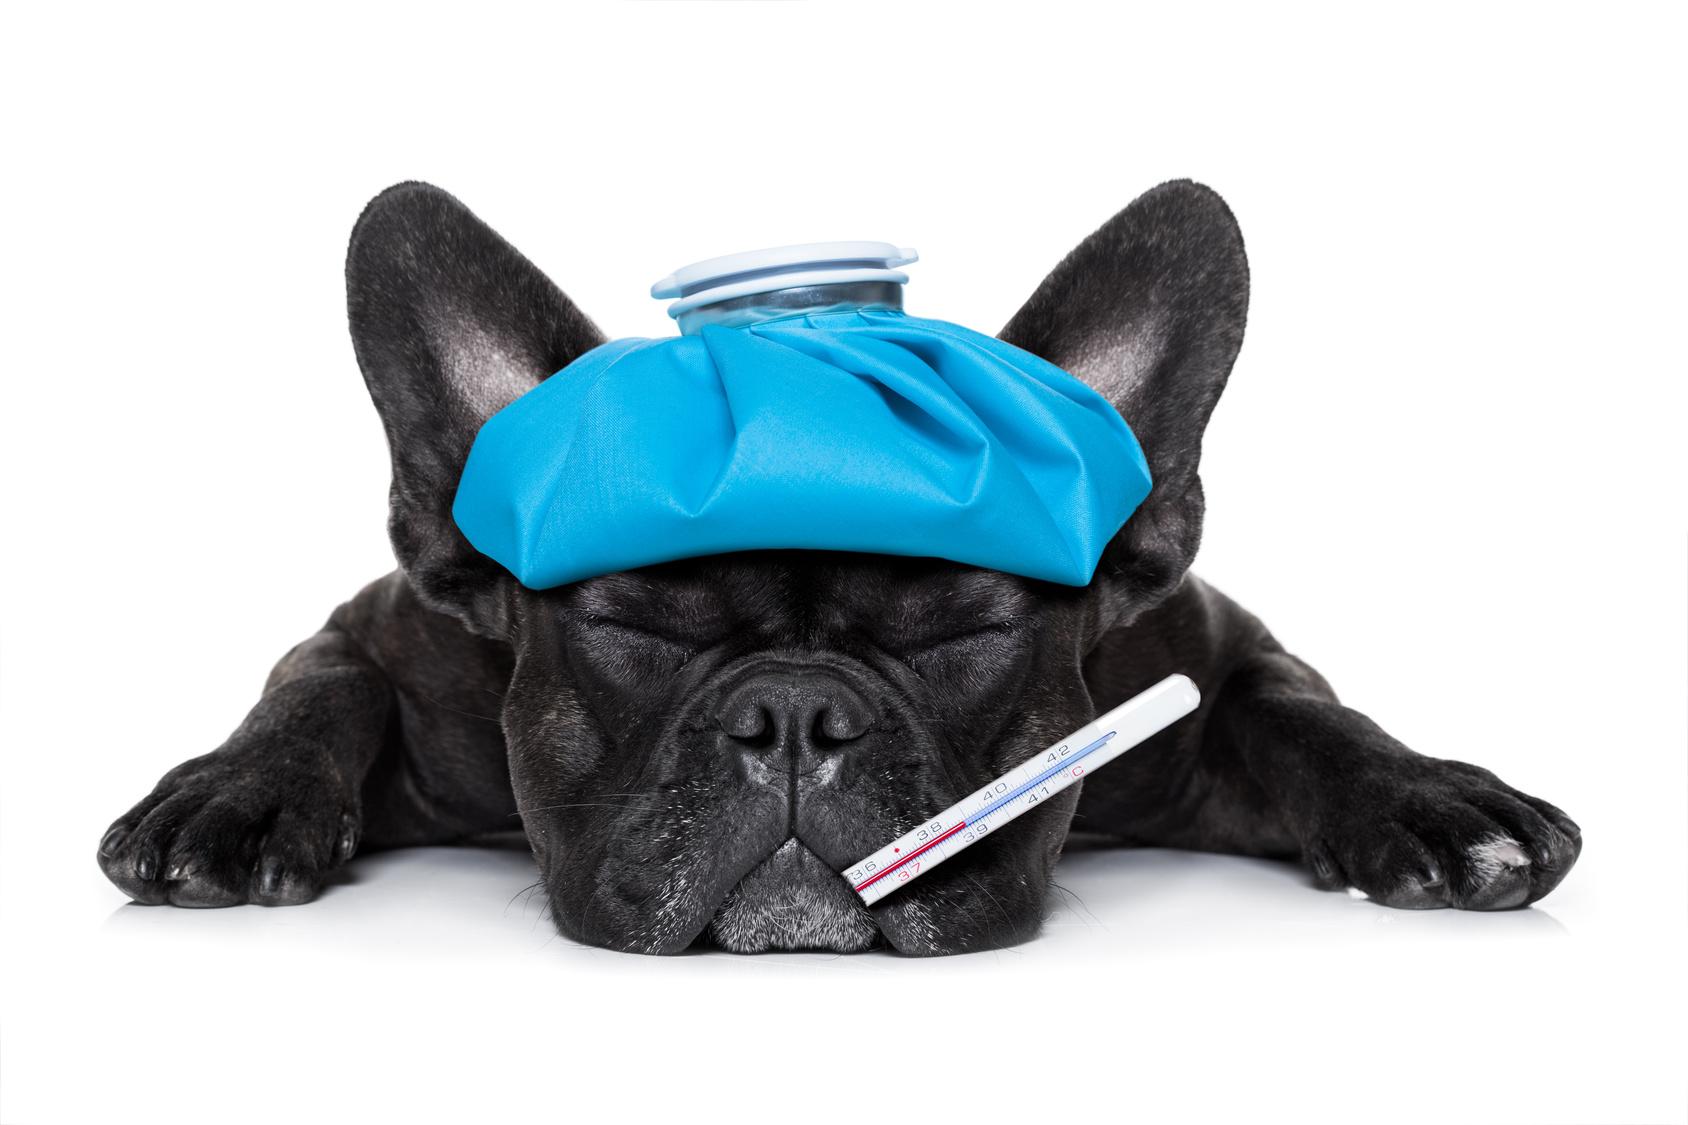 Malattie cani : Come sapere se il mio cane sta male ?